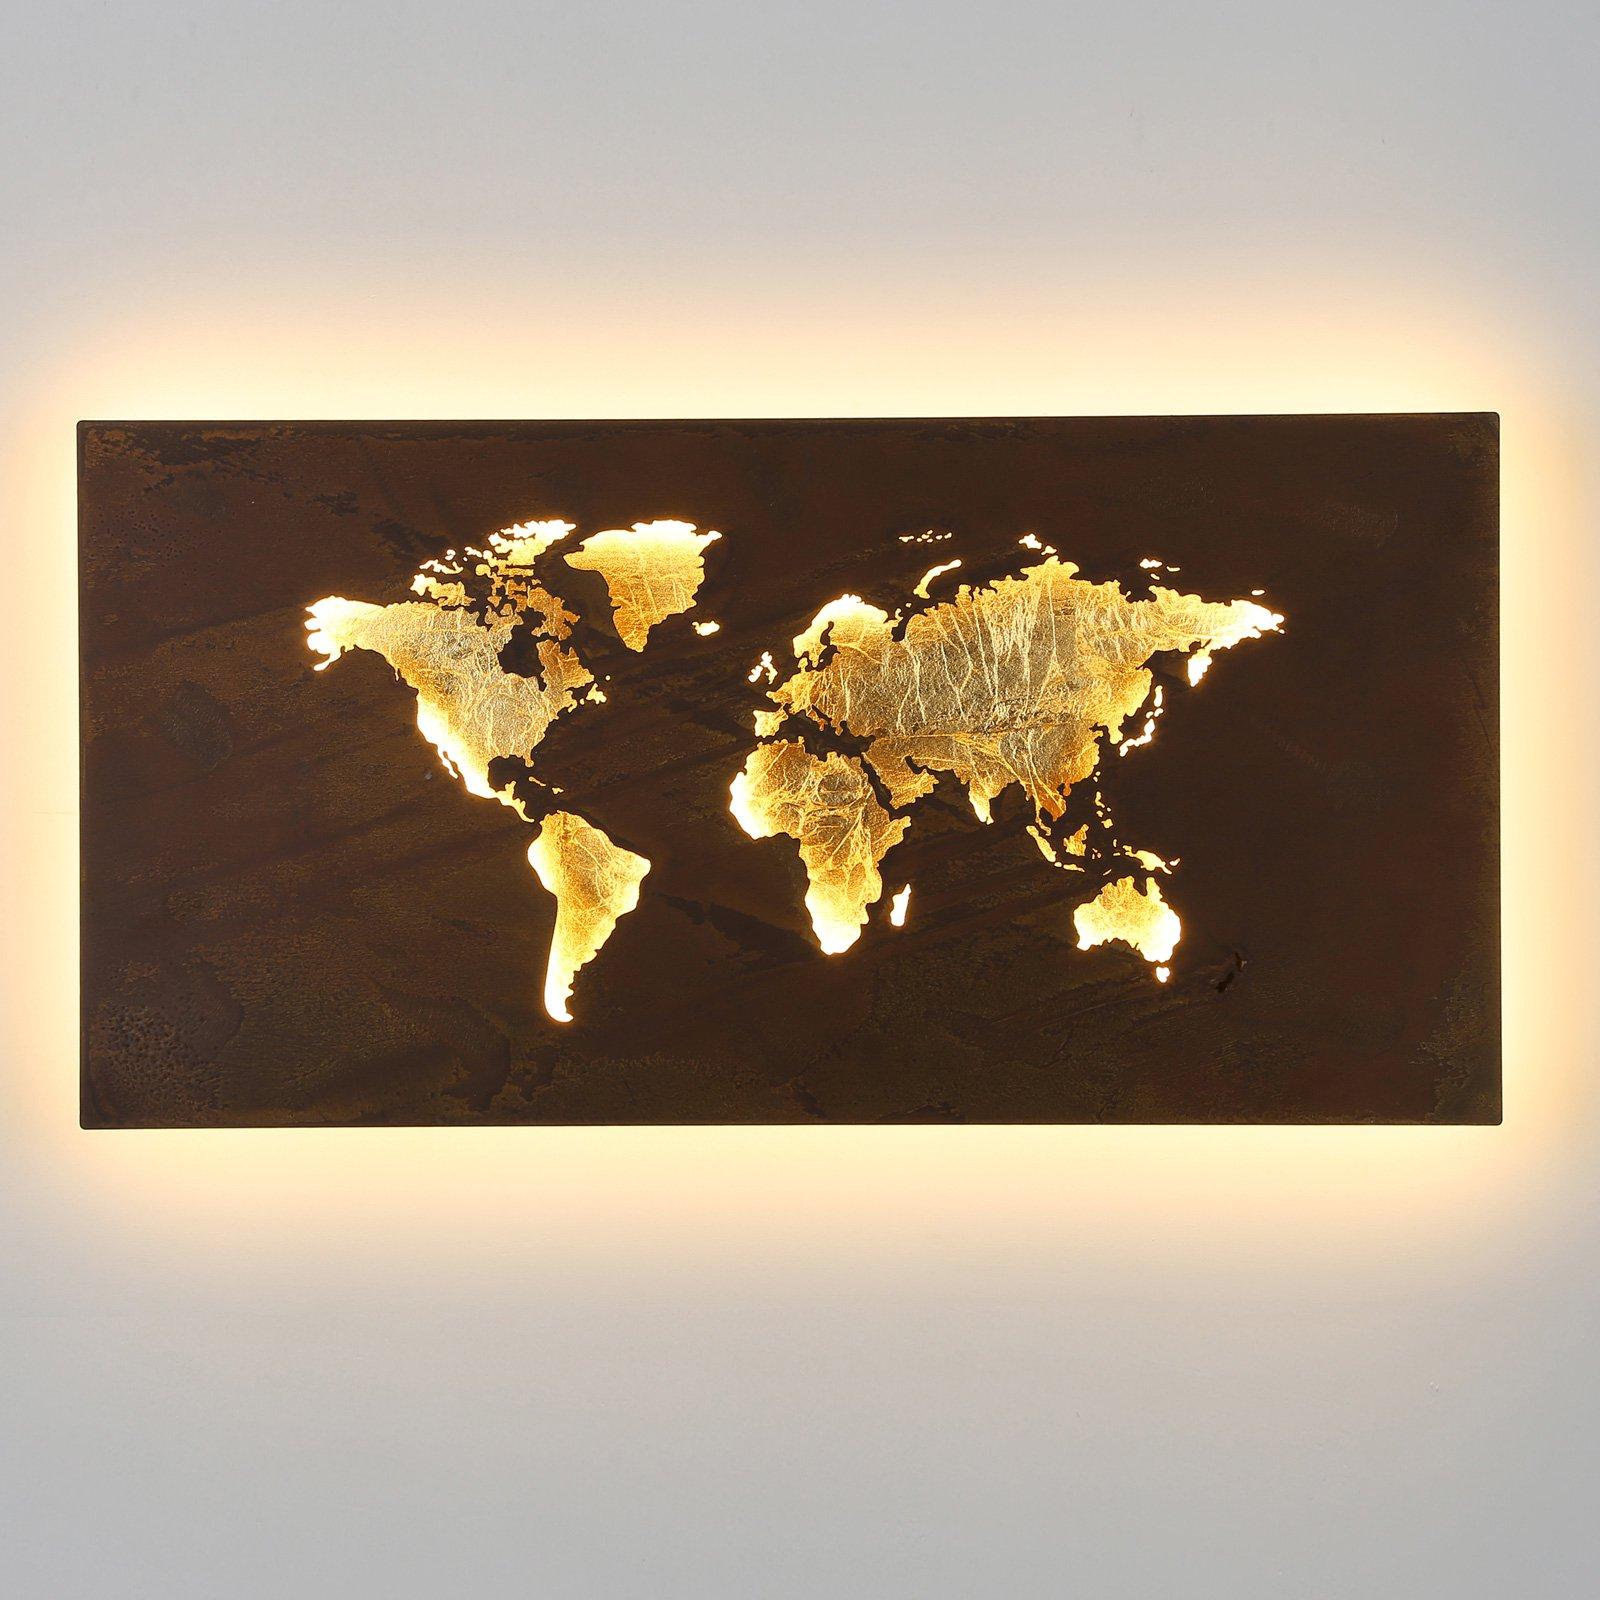 LED-vegglampe Linda i kartdesign gull